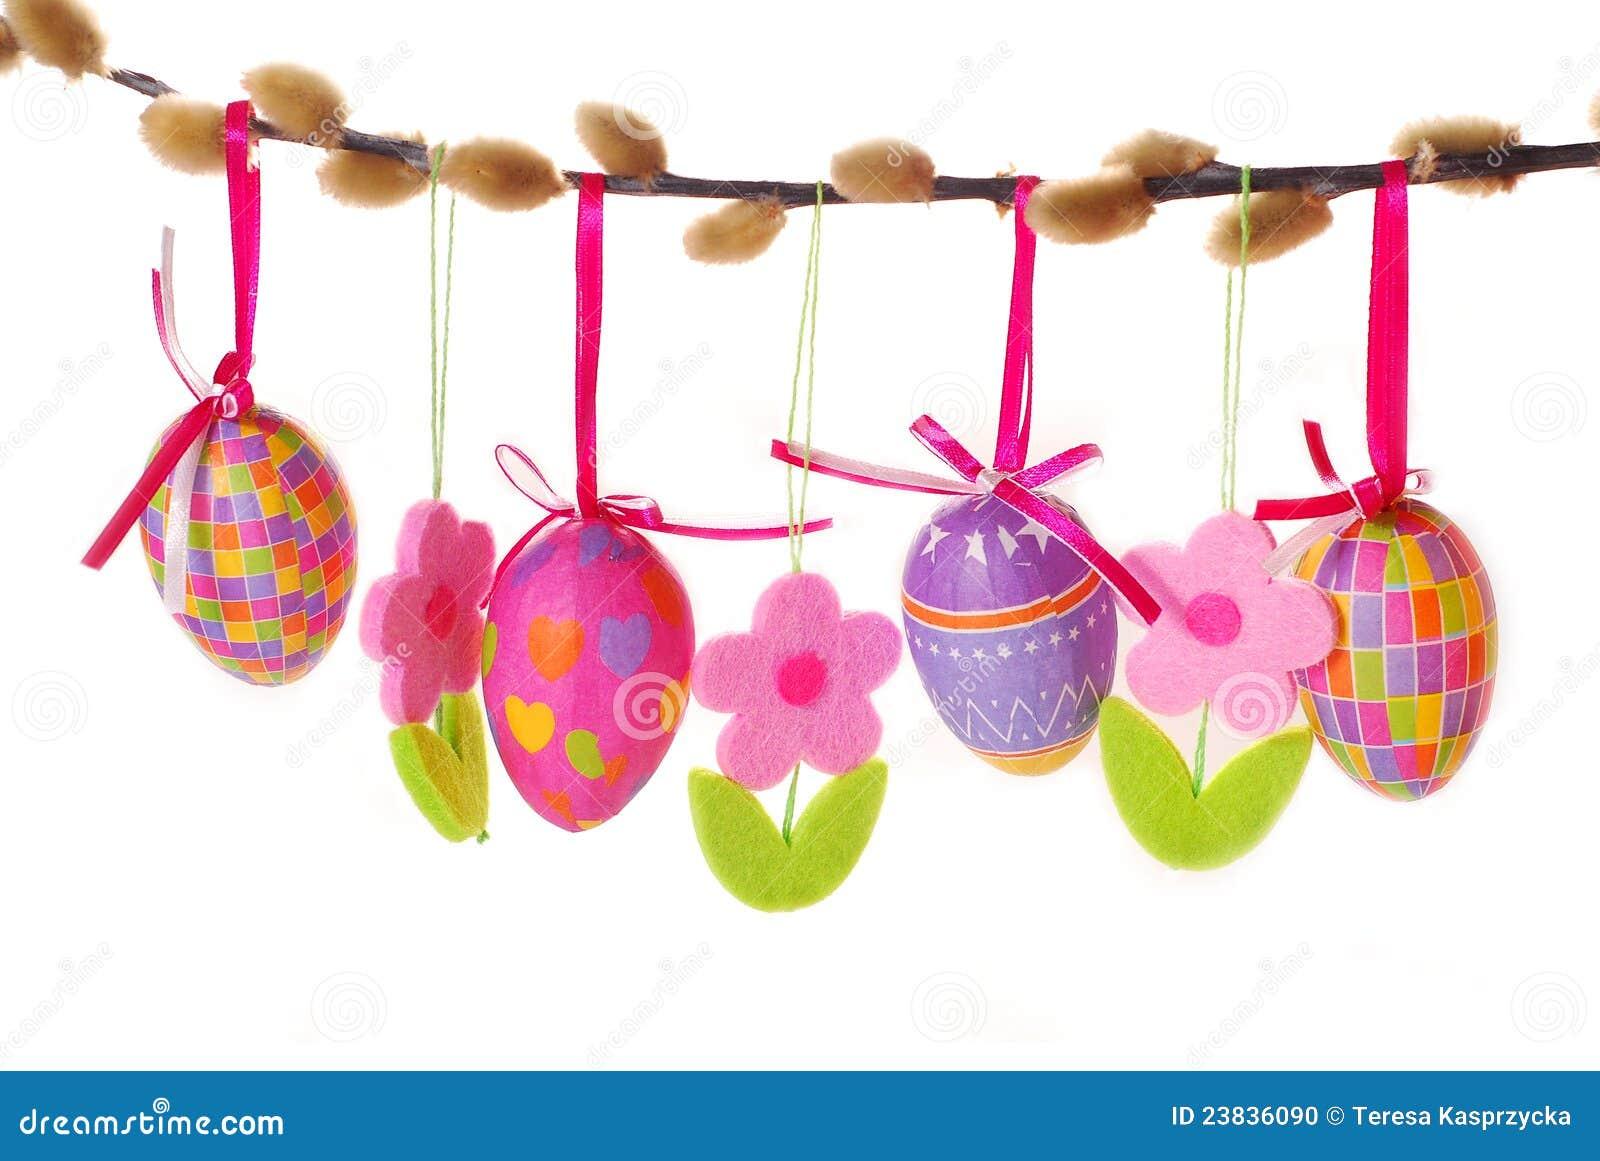 Frontera de Pascua con los huevos colgantes